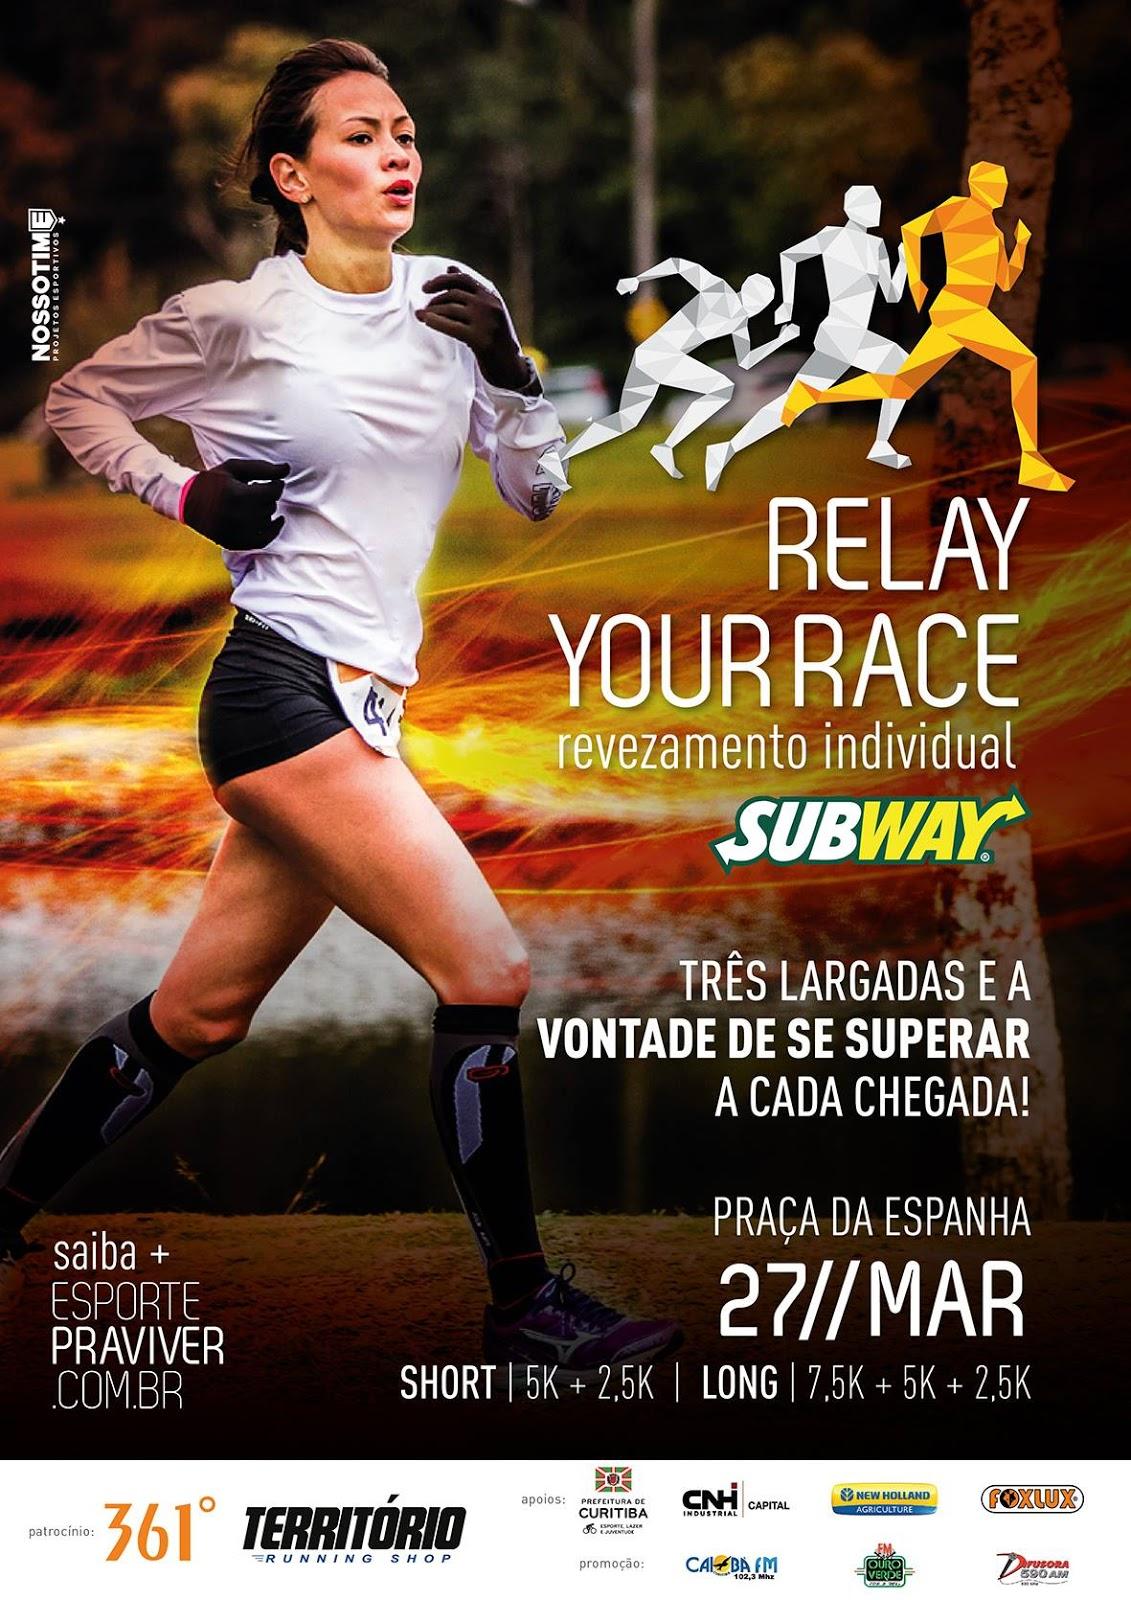 """4f7c80425 A Prova de Pedestrianismo denominada """"Relay Your Race"""" é um novo conceito  de corridas"""